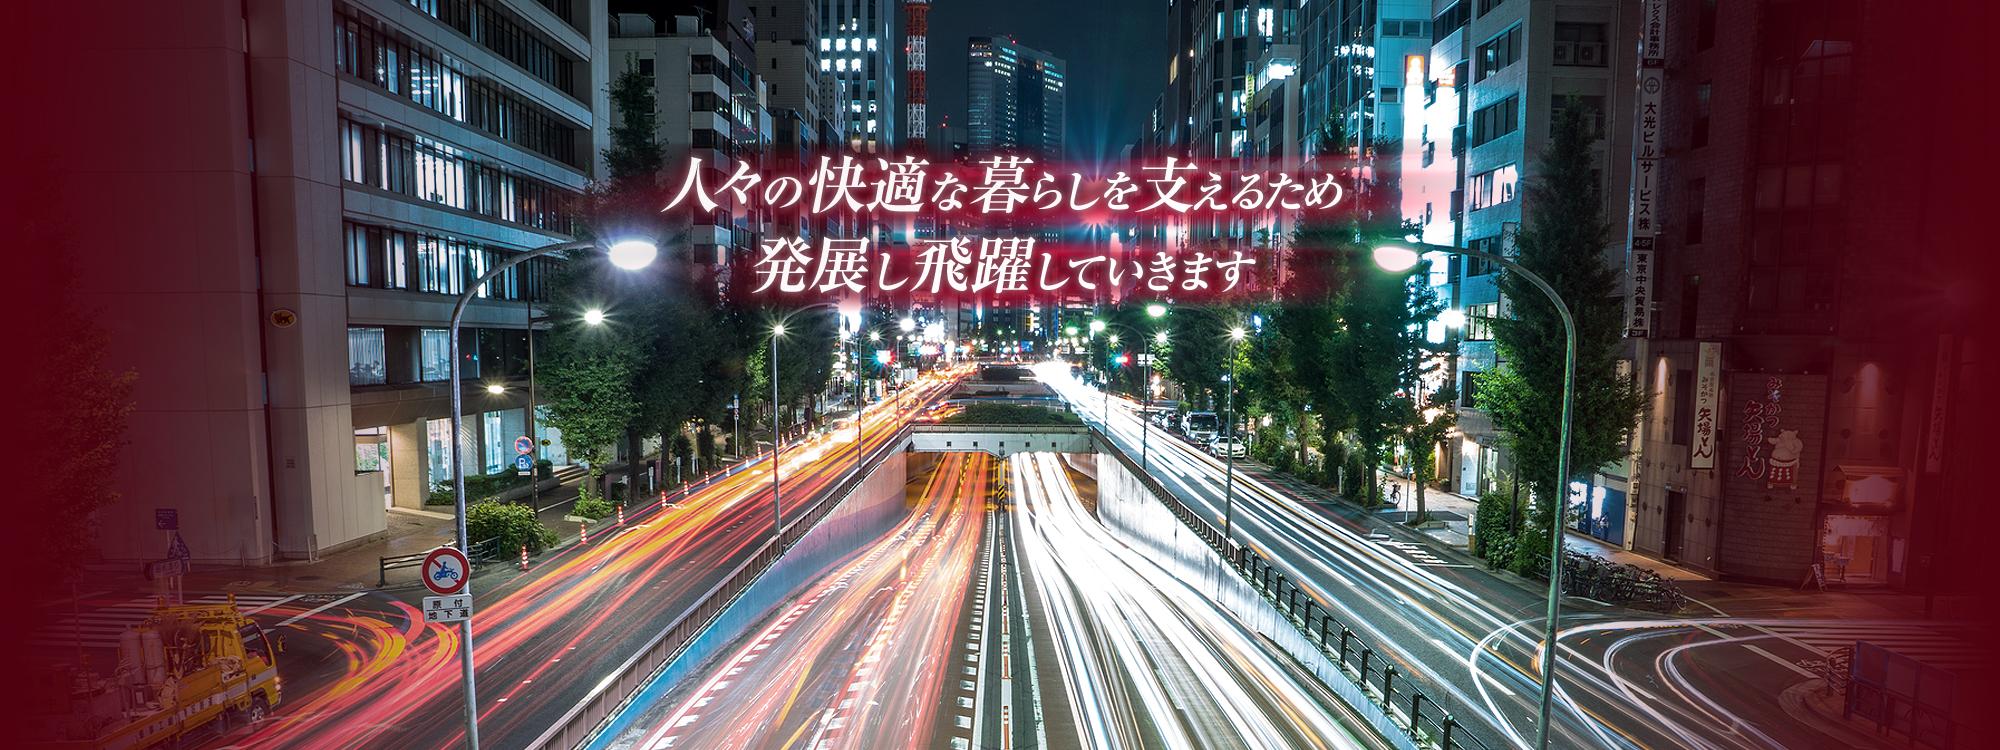 pc_teaser_01_02